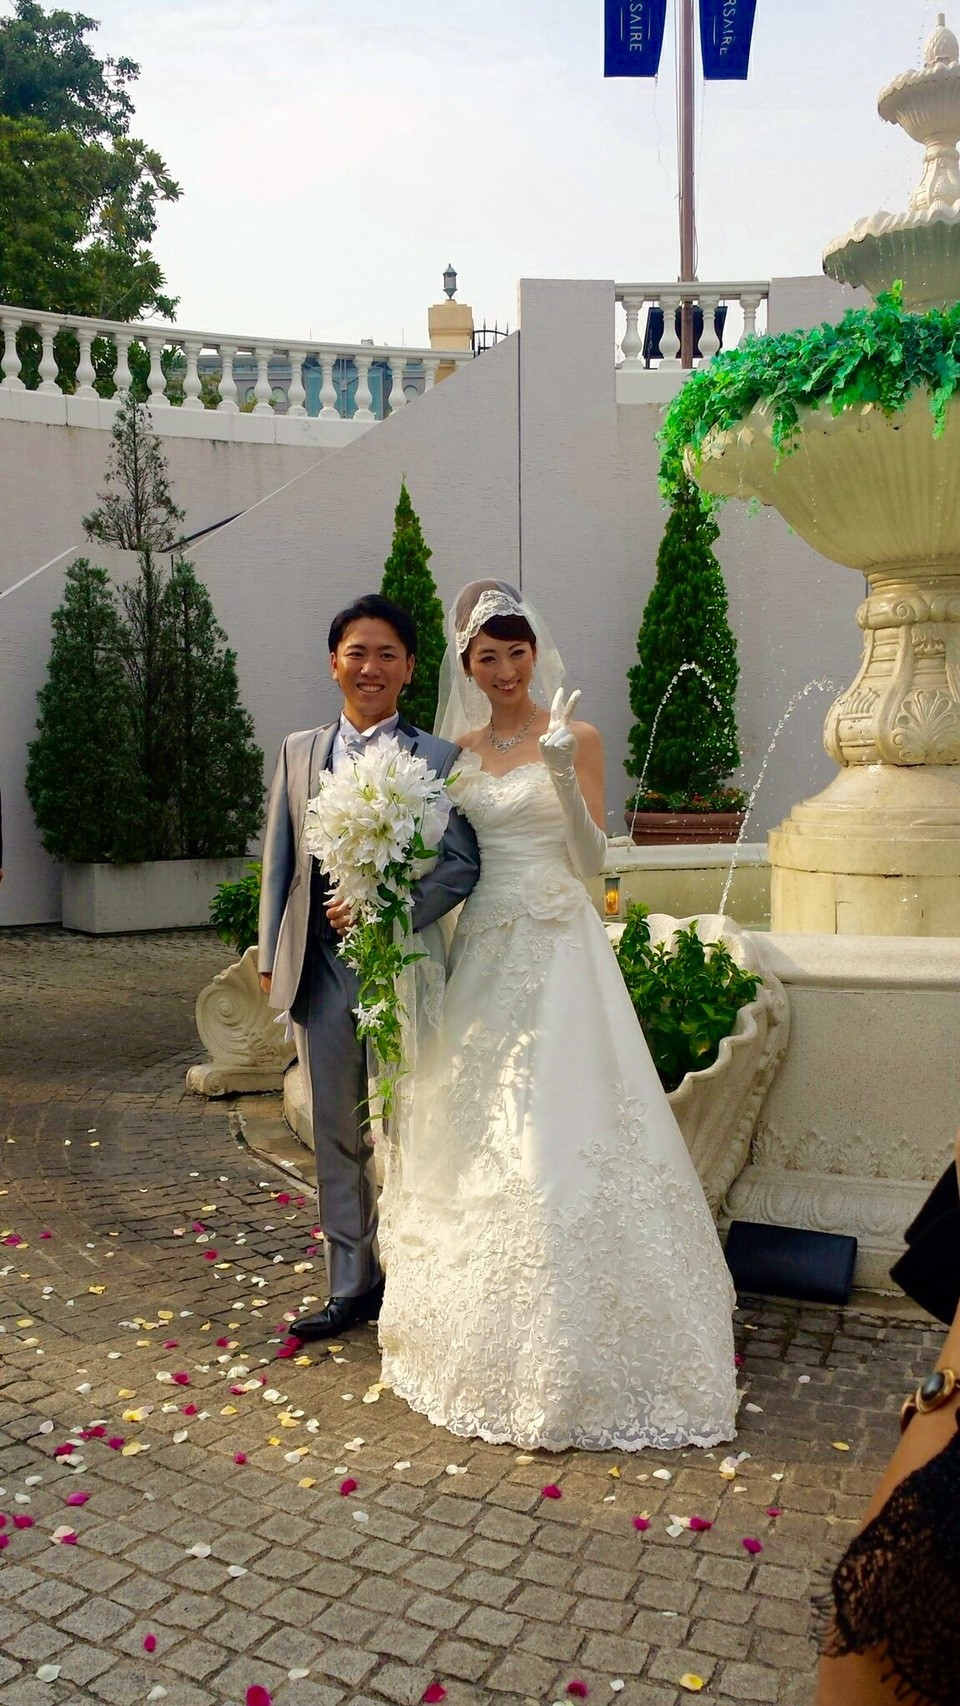 ゆれてゆれて花嫁の優雅な揺れにあわせて。。